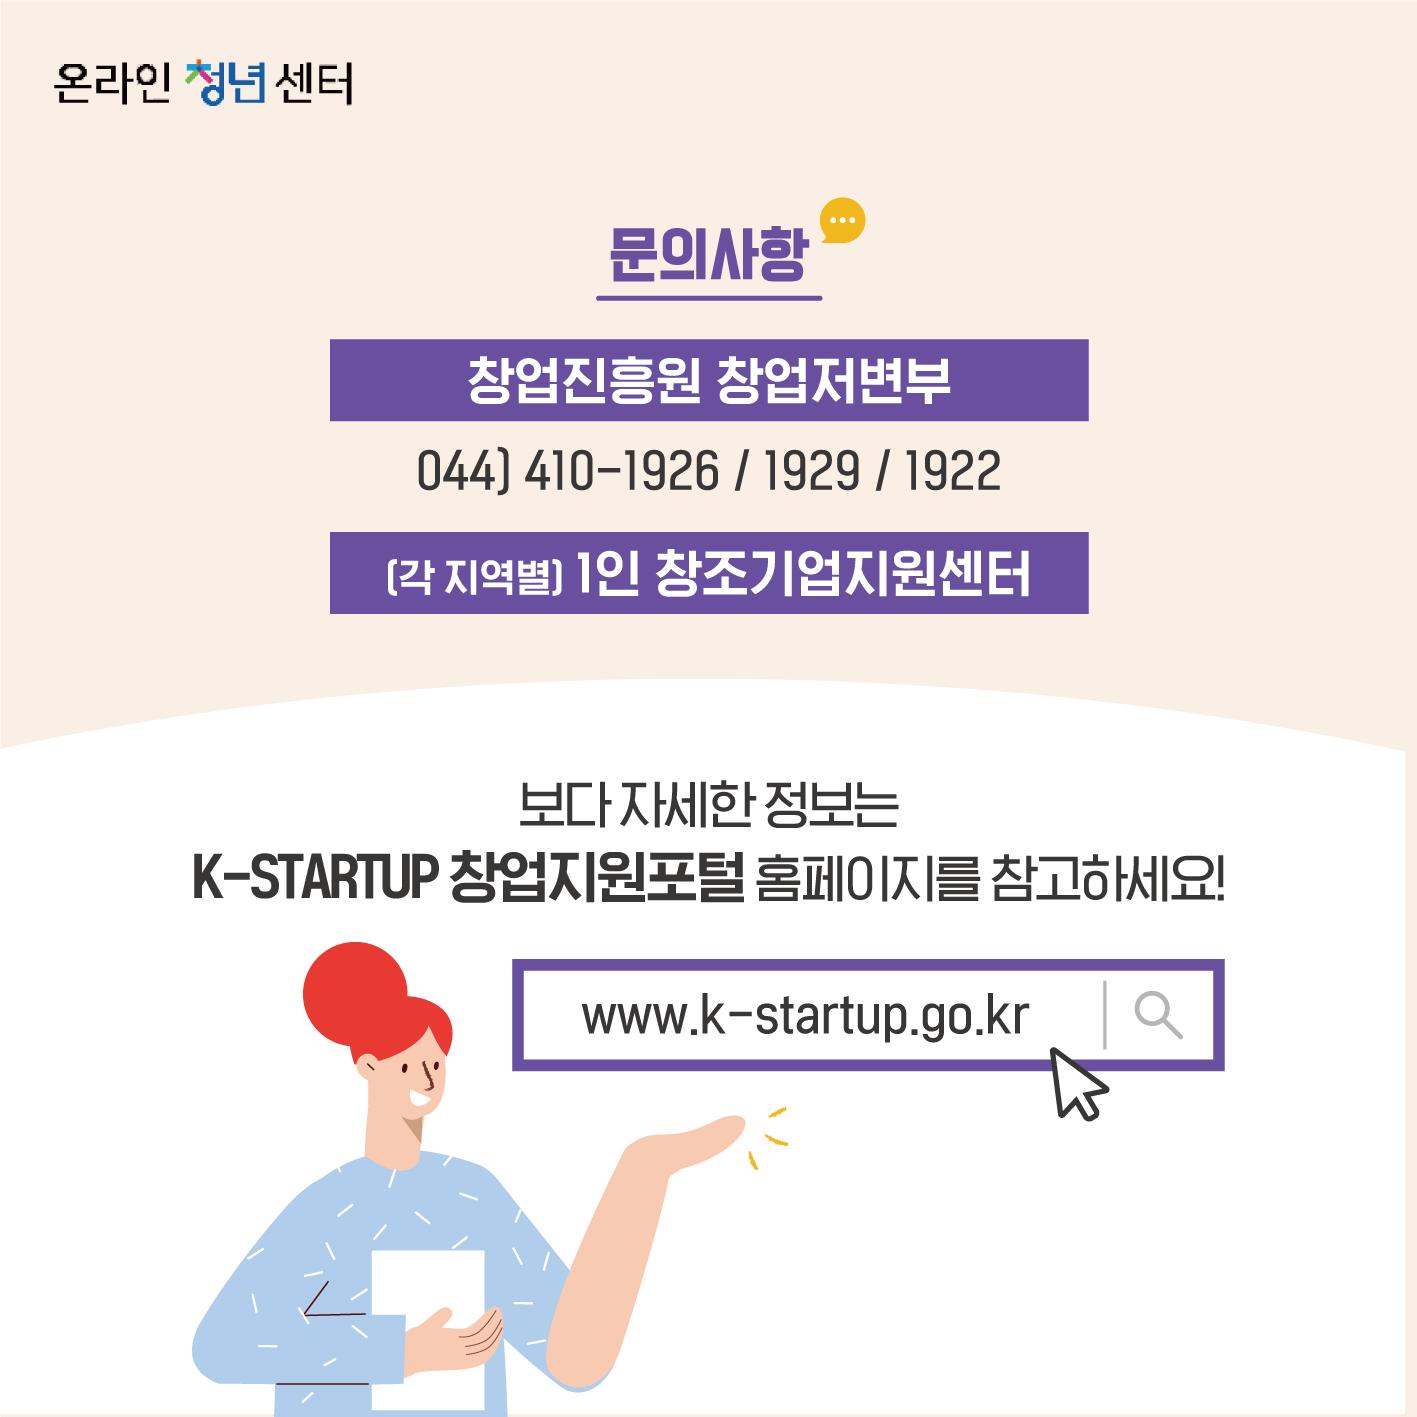 문의사항은 창업진흥원 창업저변부에 문의할 수 있습니다. 전화번호는 044-410-1926/1929/1922. 또한, 각 지역별 1인 창조기업지원센터에 문의가 가능합니다. 보다 자세한 정보는 K-STARTUP 창업지원포털 홈페이지를 참고하세요!